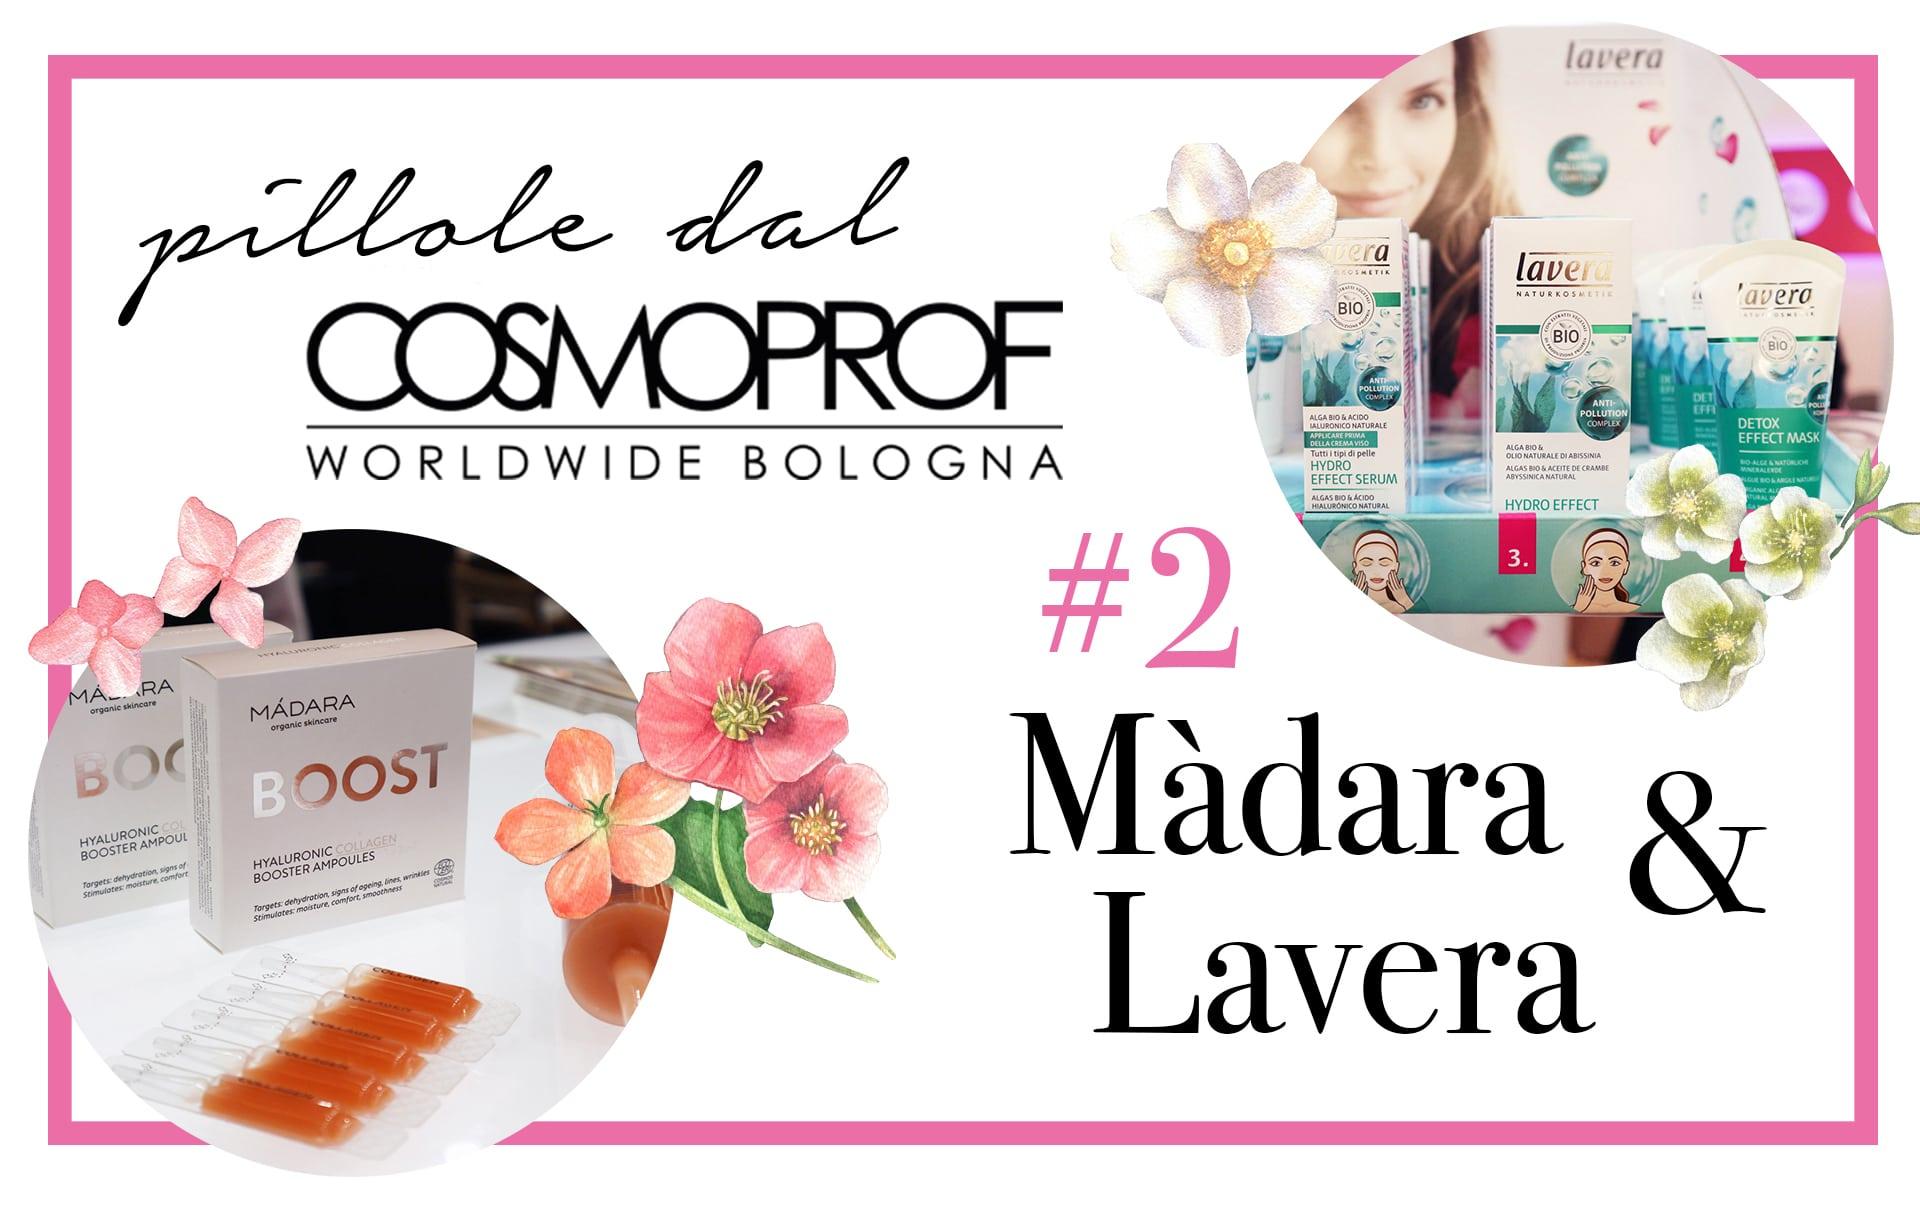 Pillole dal Cosmoprof #2: Màdara e Lavera - Novità Cosmoprof 2018 - Info, dove acquistare, prezzo, INCI, review, recensione